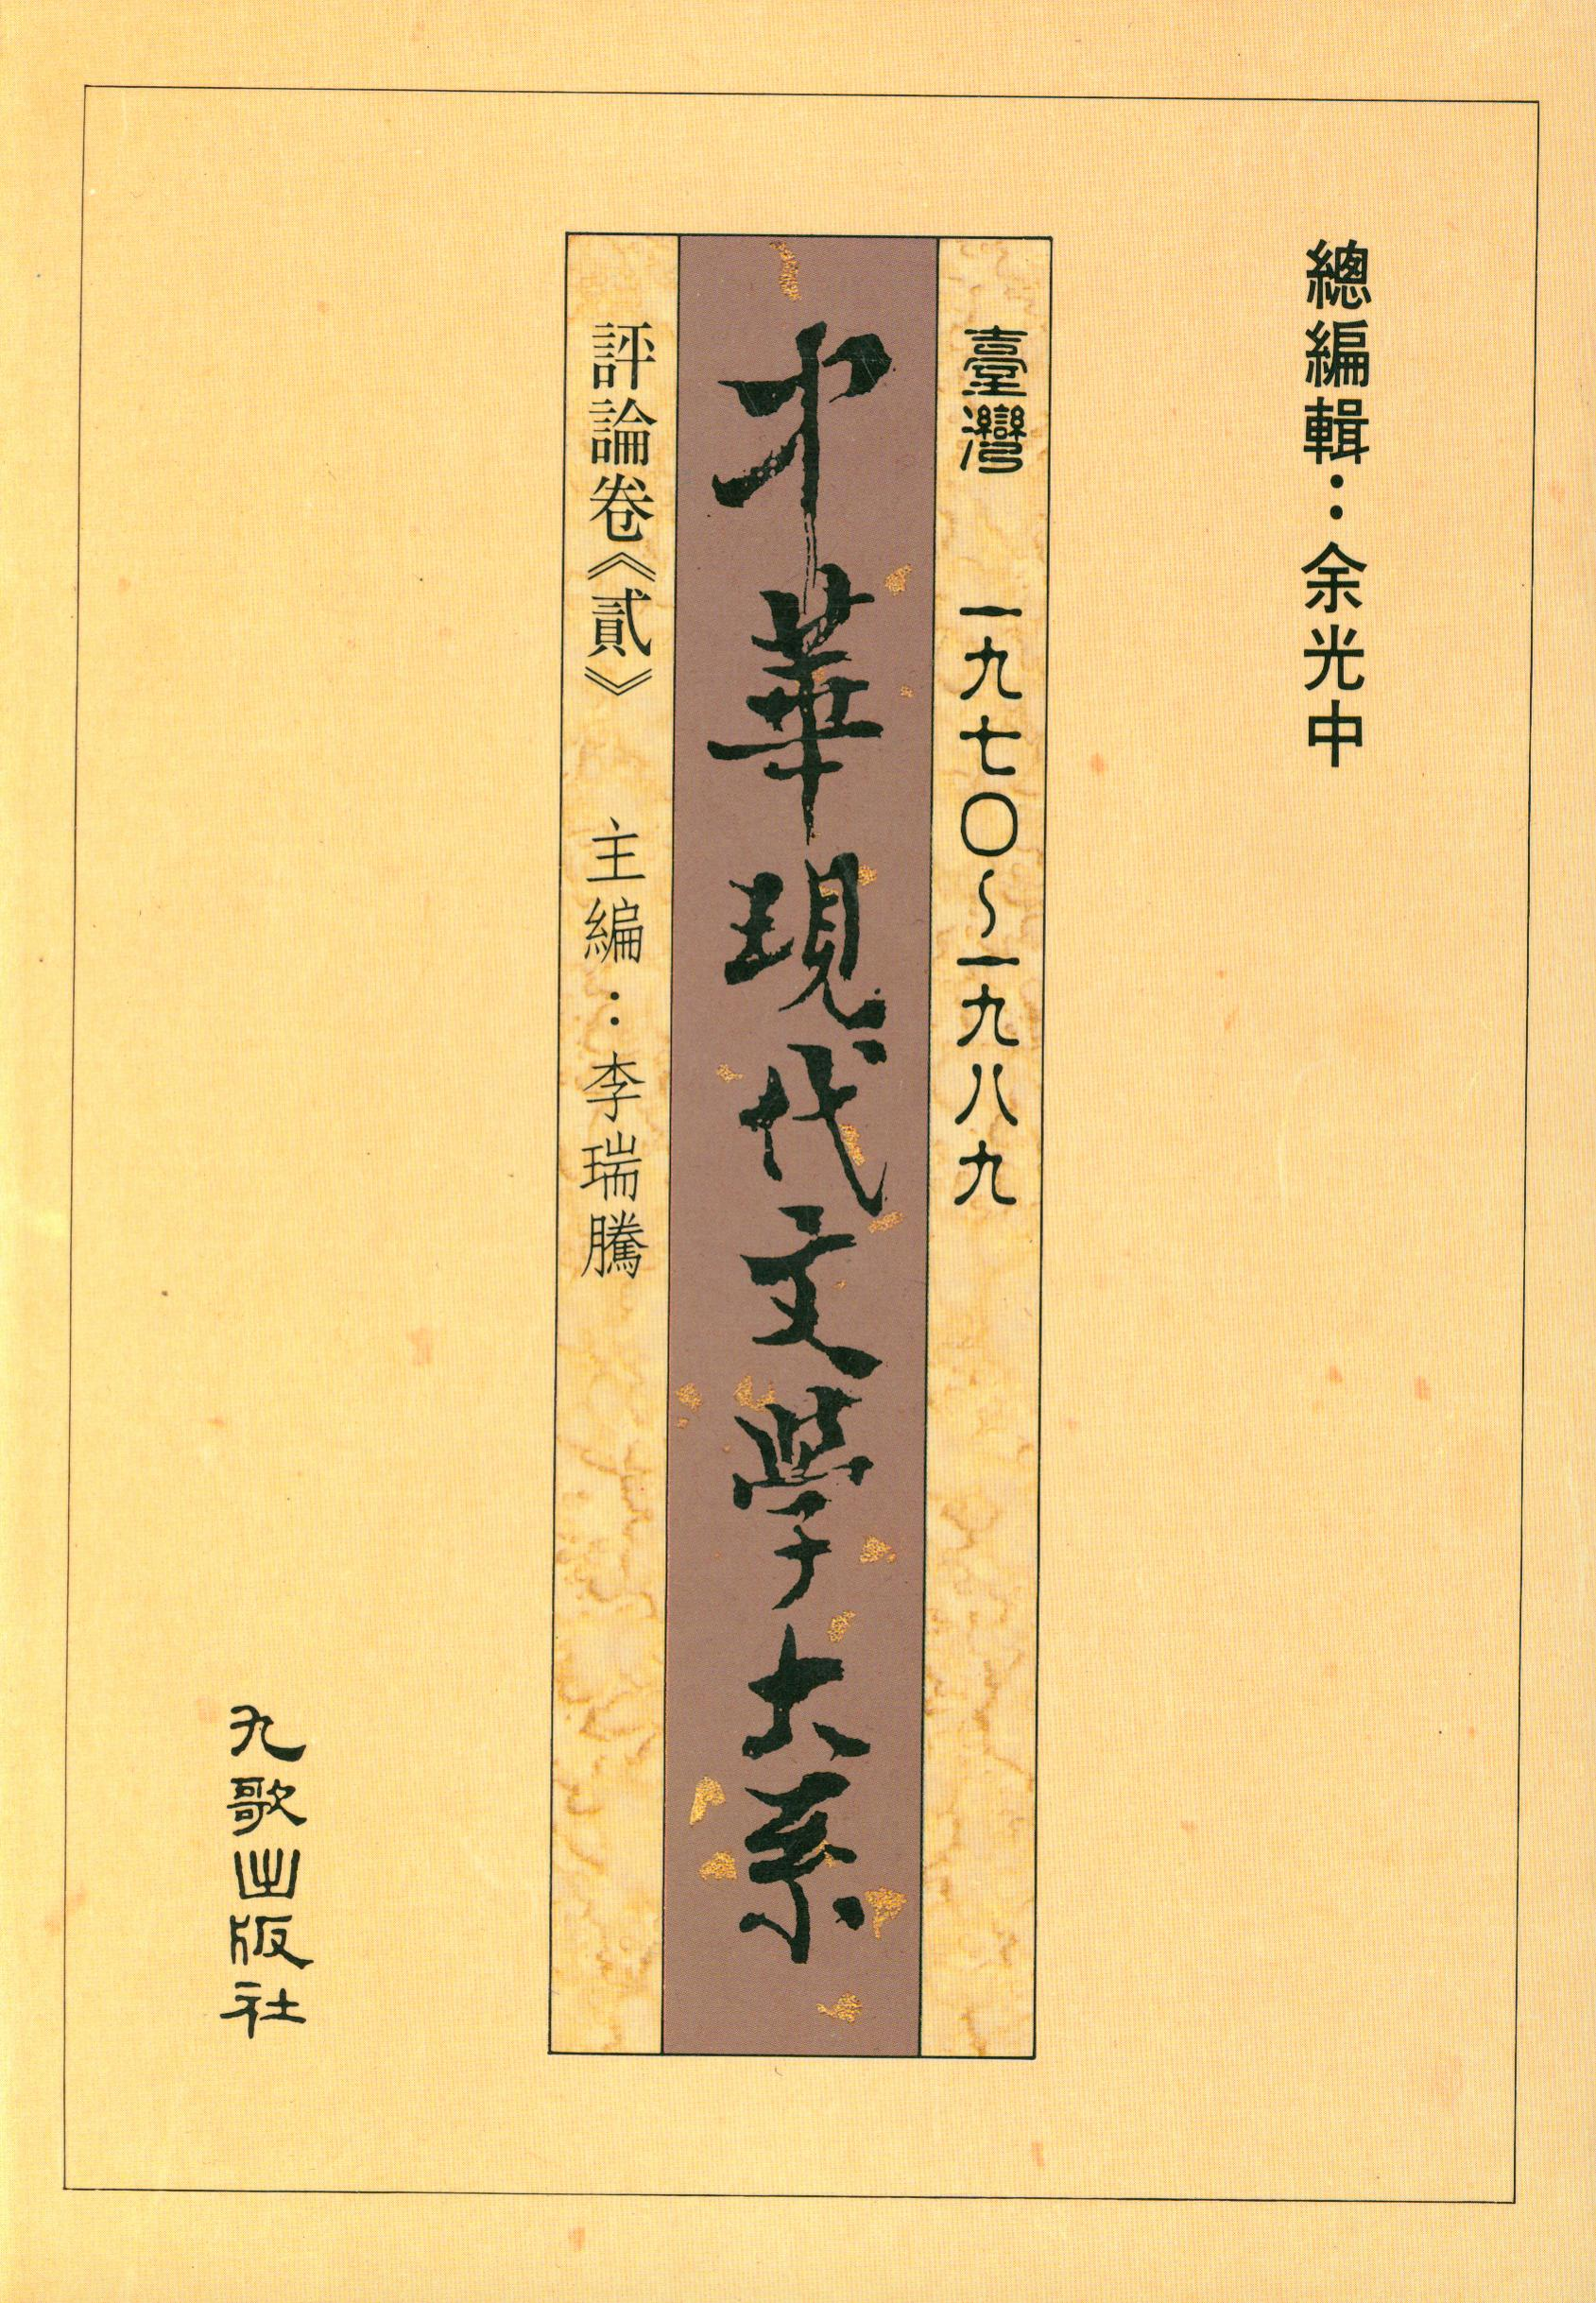 K0015中華現代文學大系(一)評論卷2